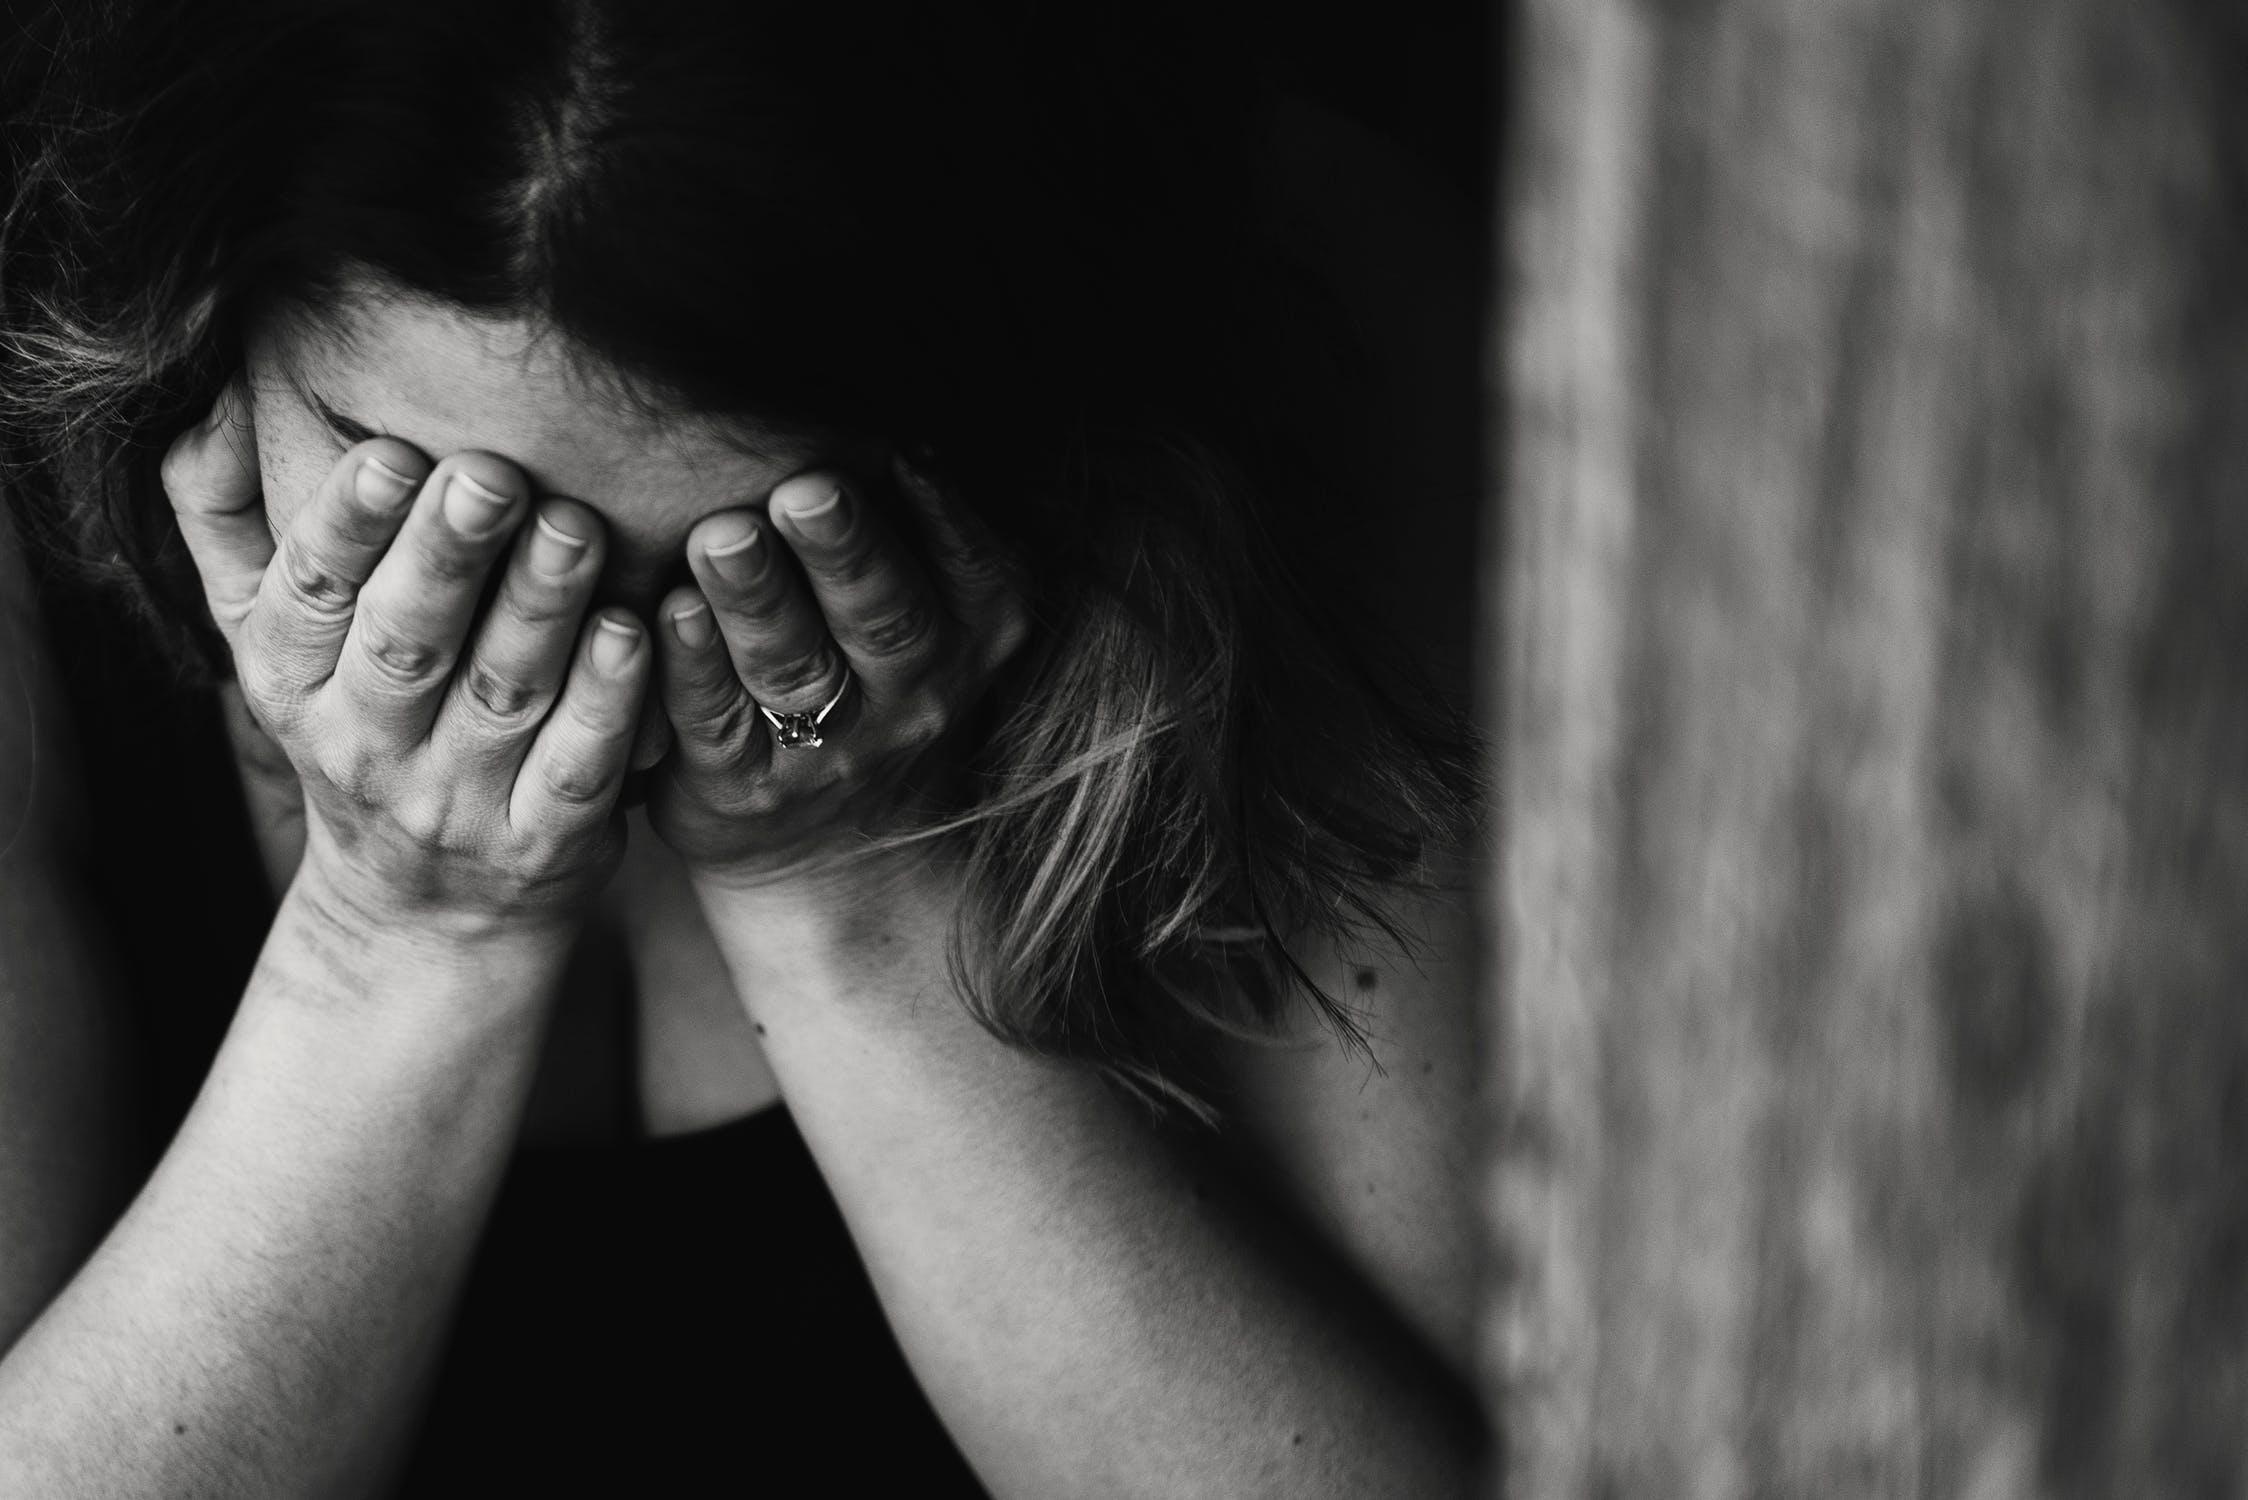 Днем, картинки плачущей женщины